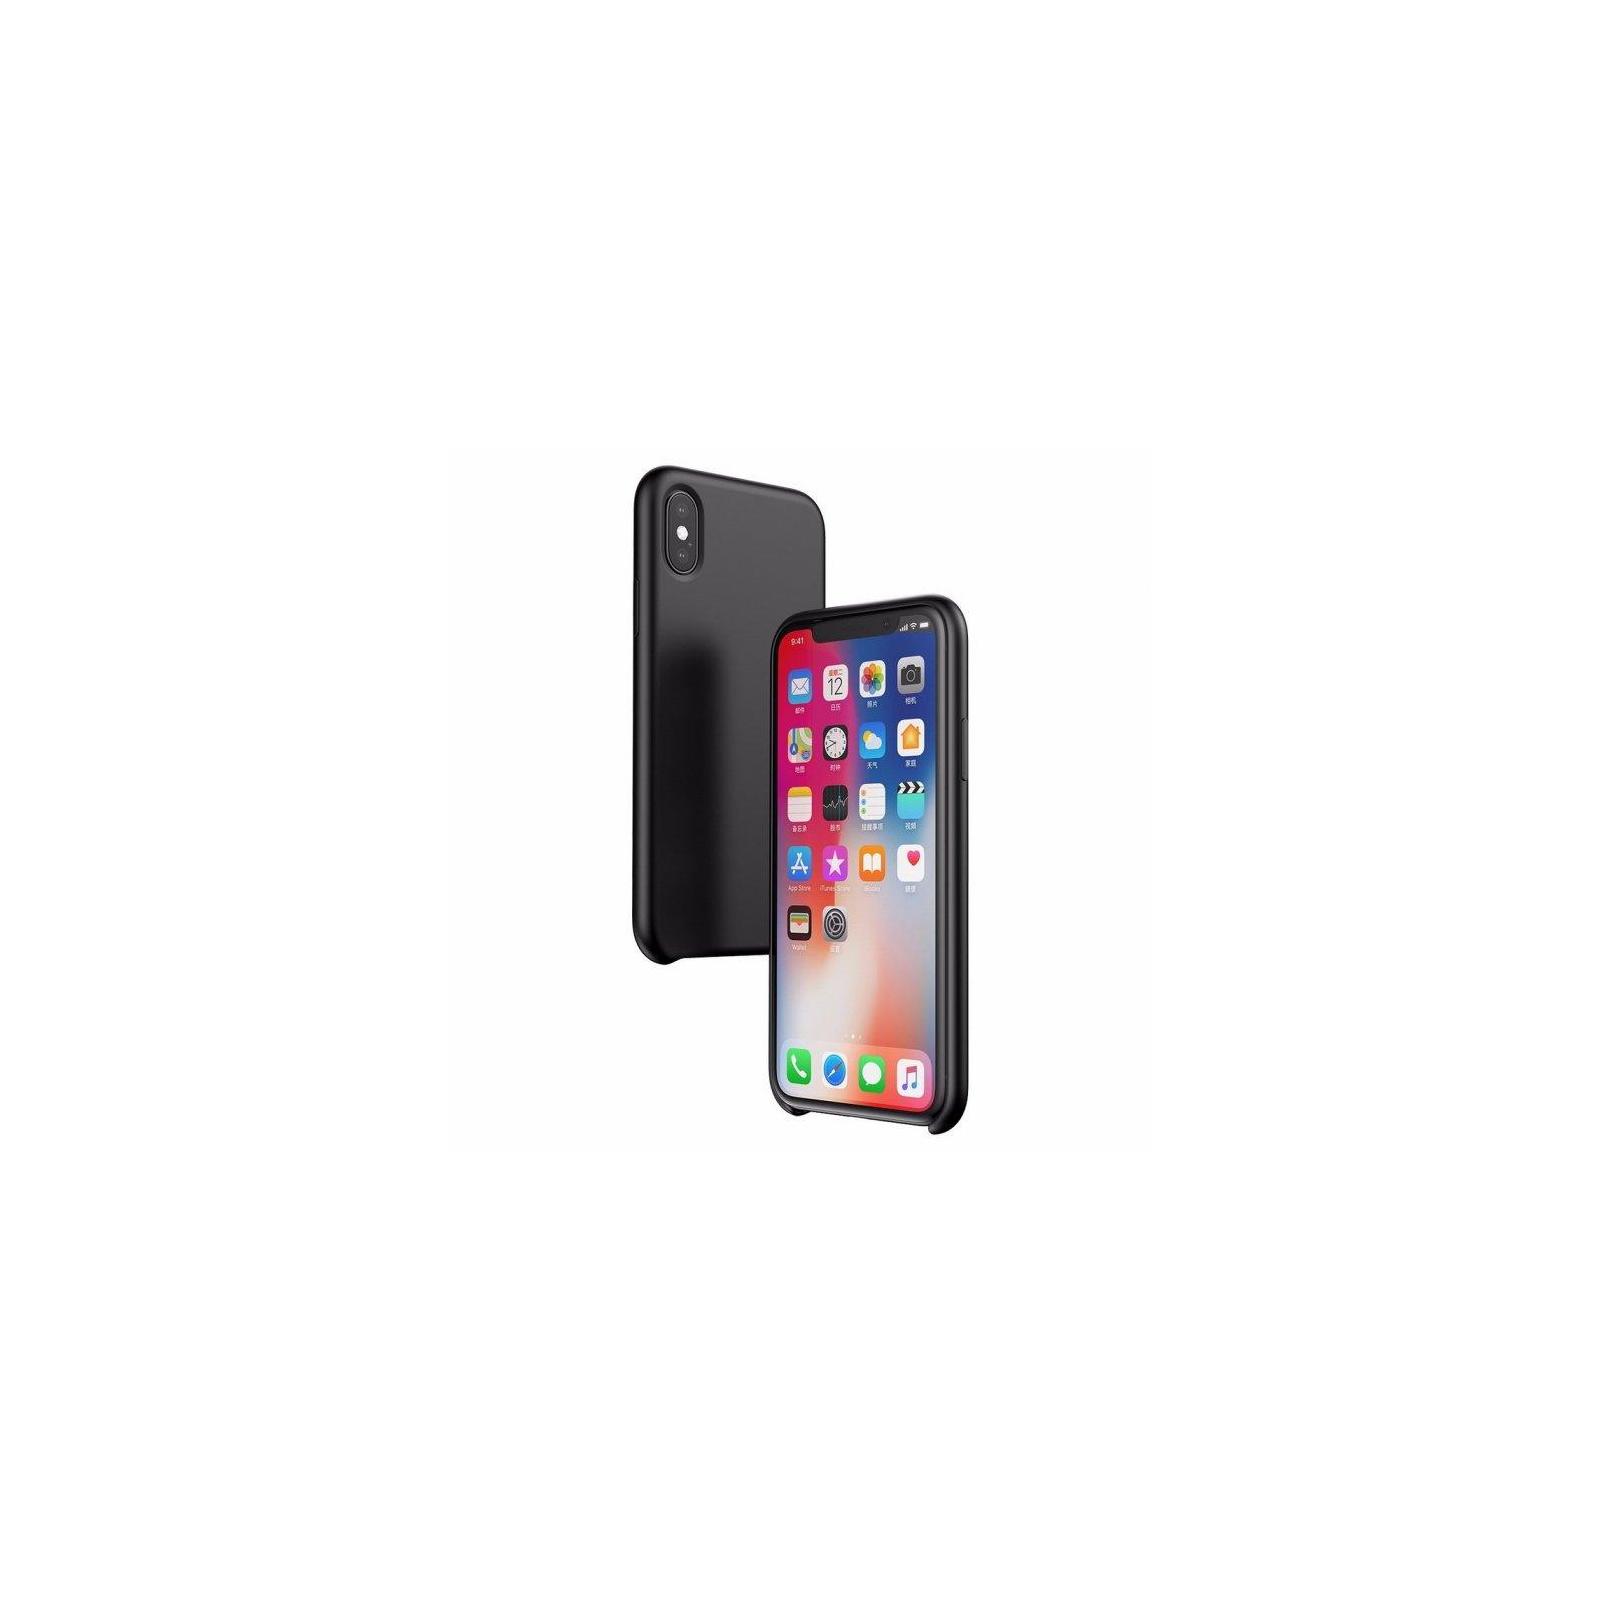 Чехол для моб. телефона Laudtec для iPhone X/XS liquid case (black) (LT-IXLC) изображение 11